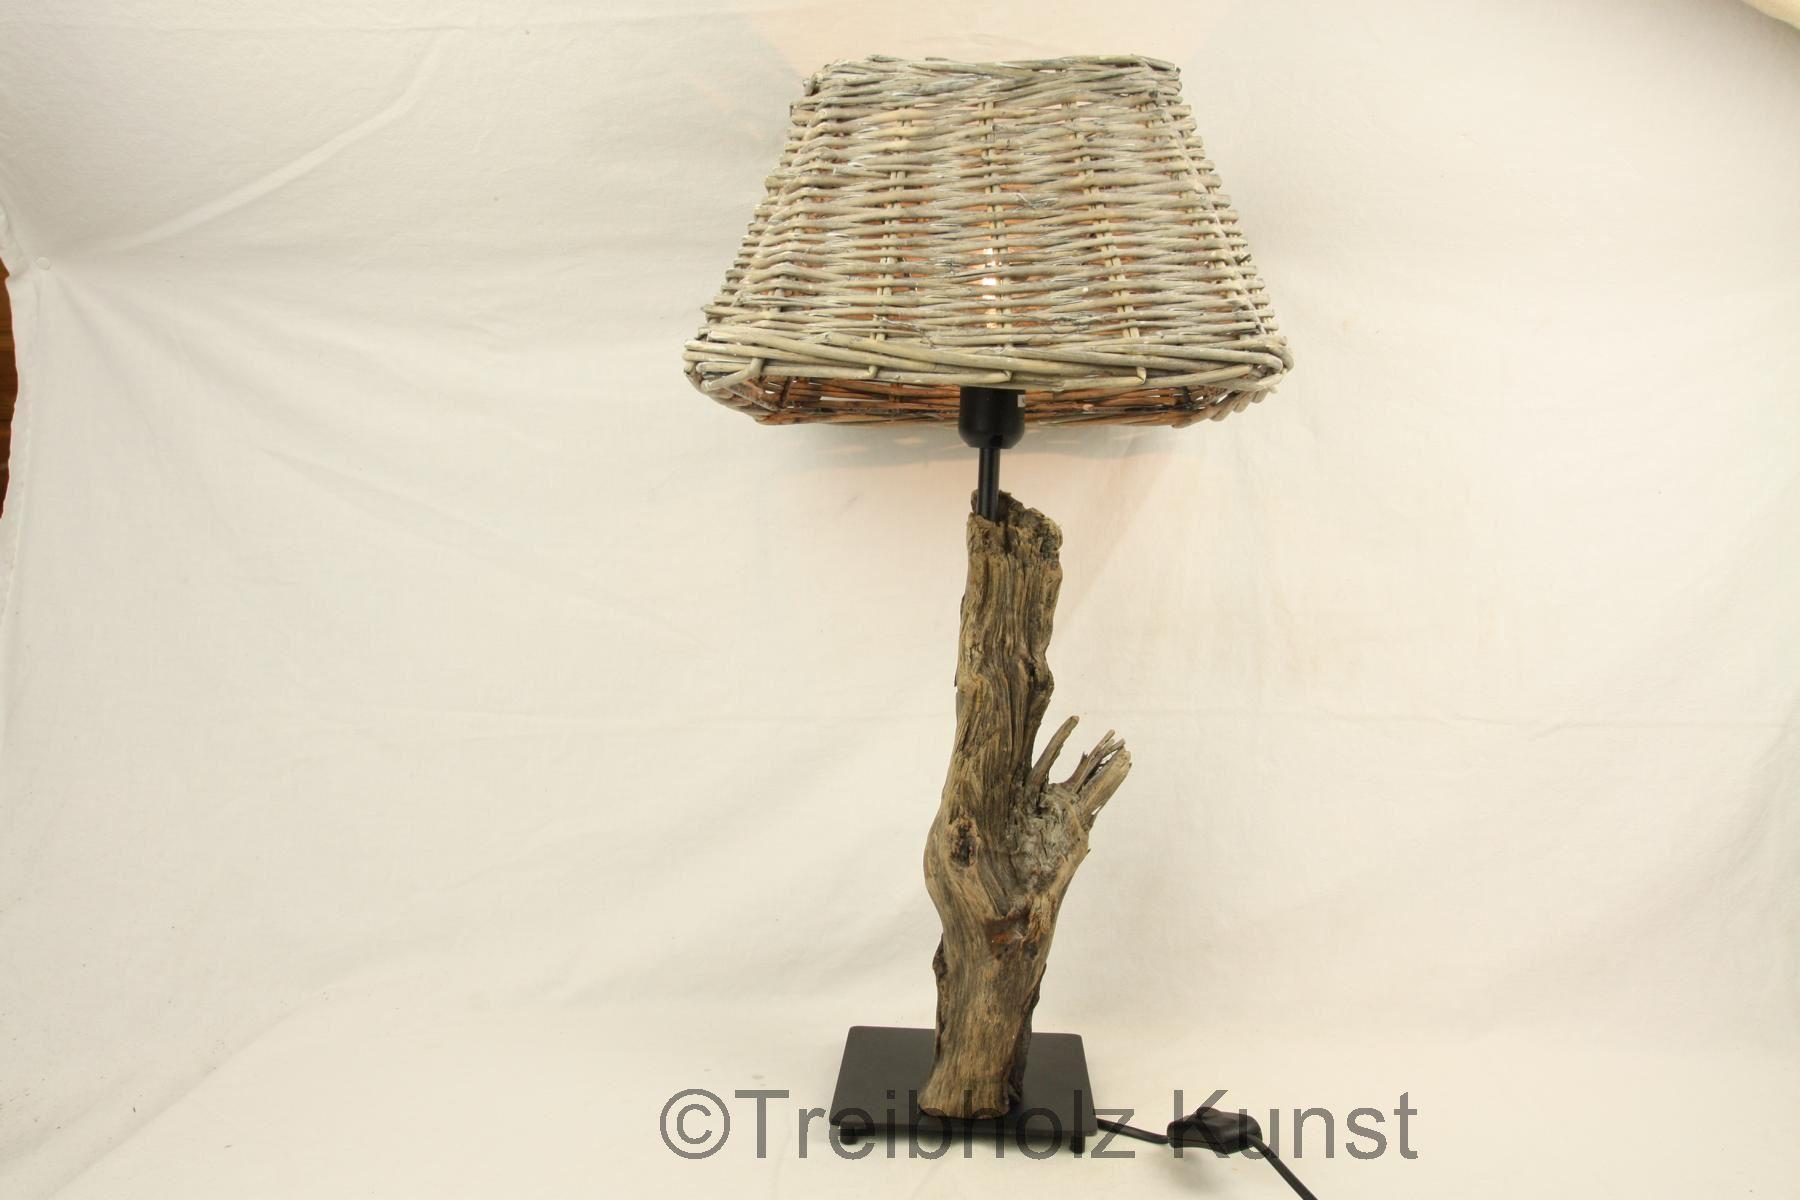 lampe mit schirm elegant lampe mit schirm with lampe mit schirm best gallery of qazqa retro. Black Bedroom Furniture Sets. Home Design Ideas